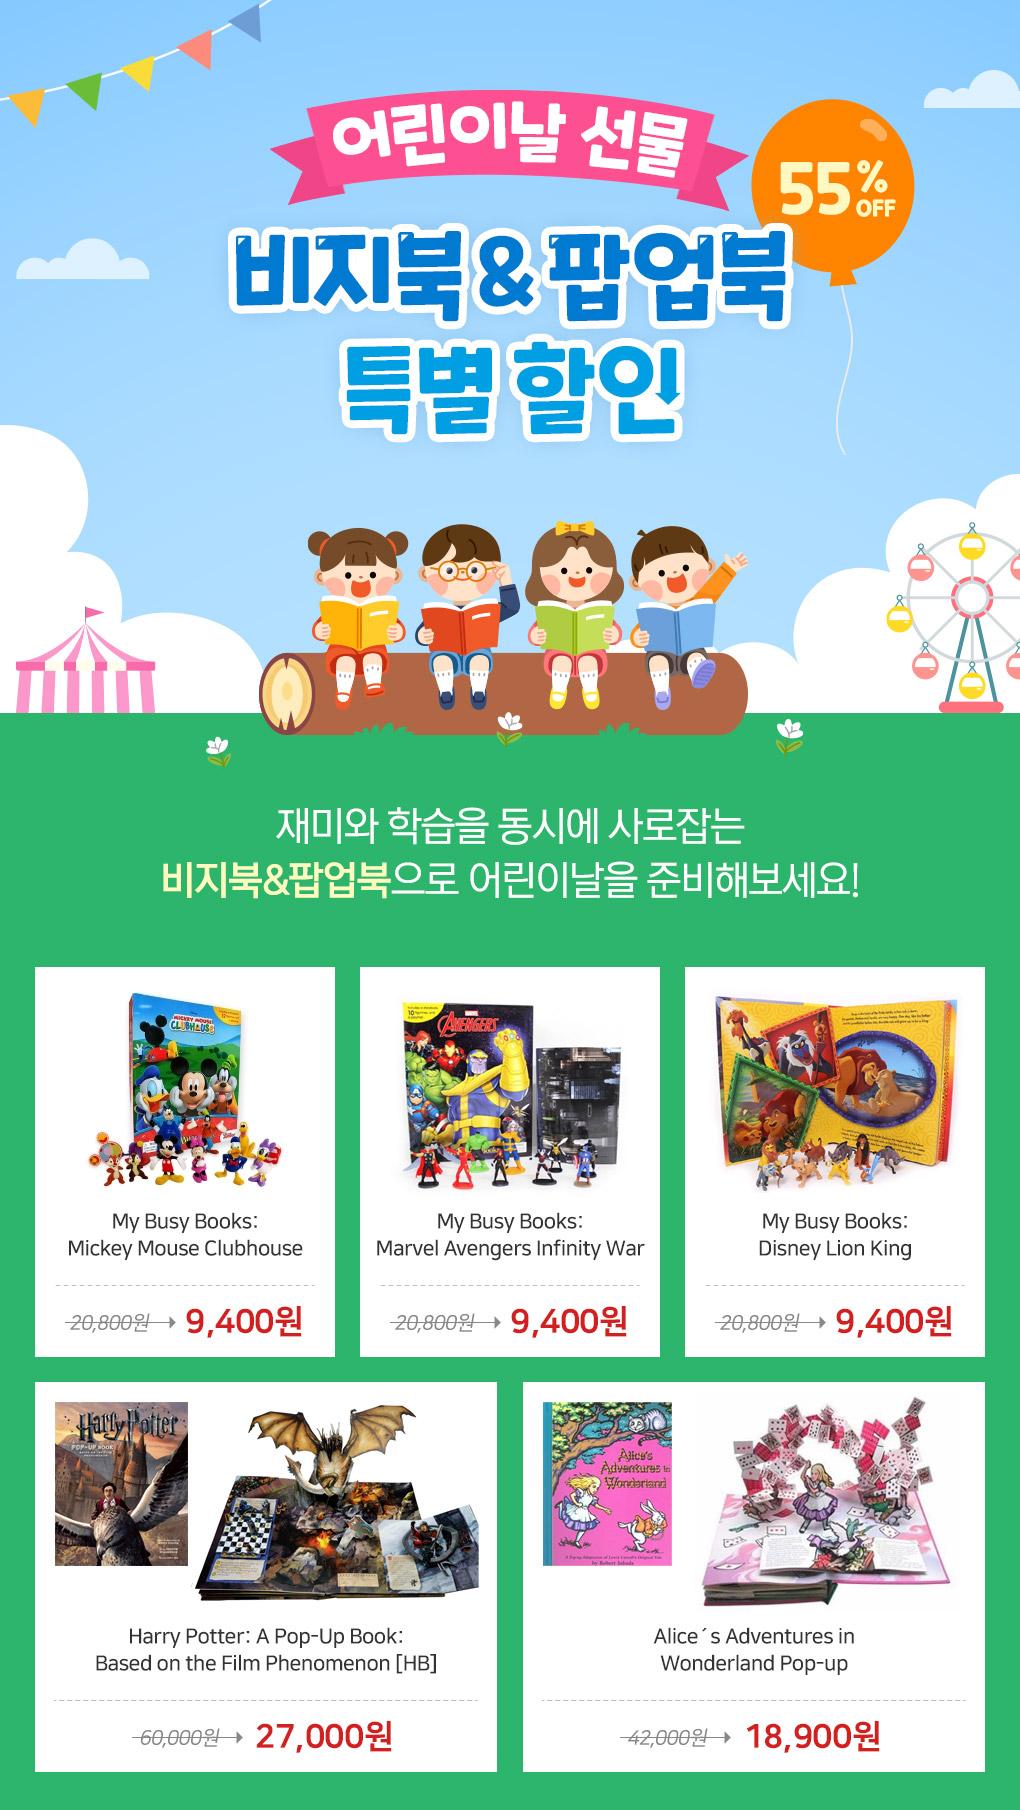 어린이날 비지북&팝업북 특별 할인